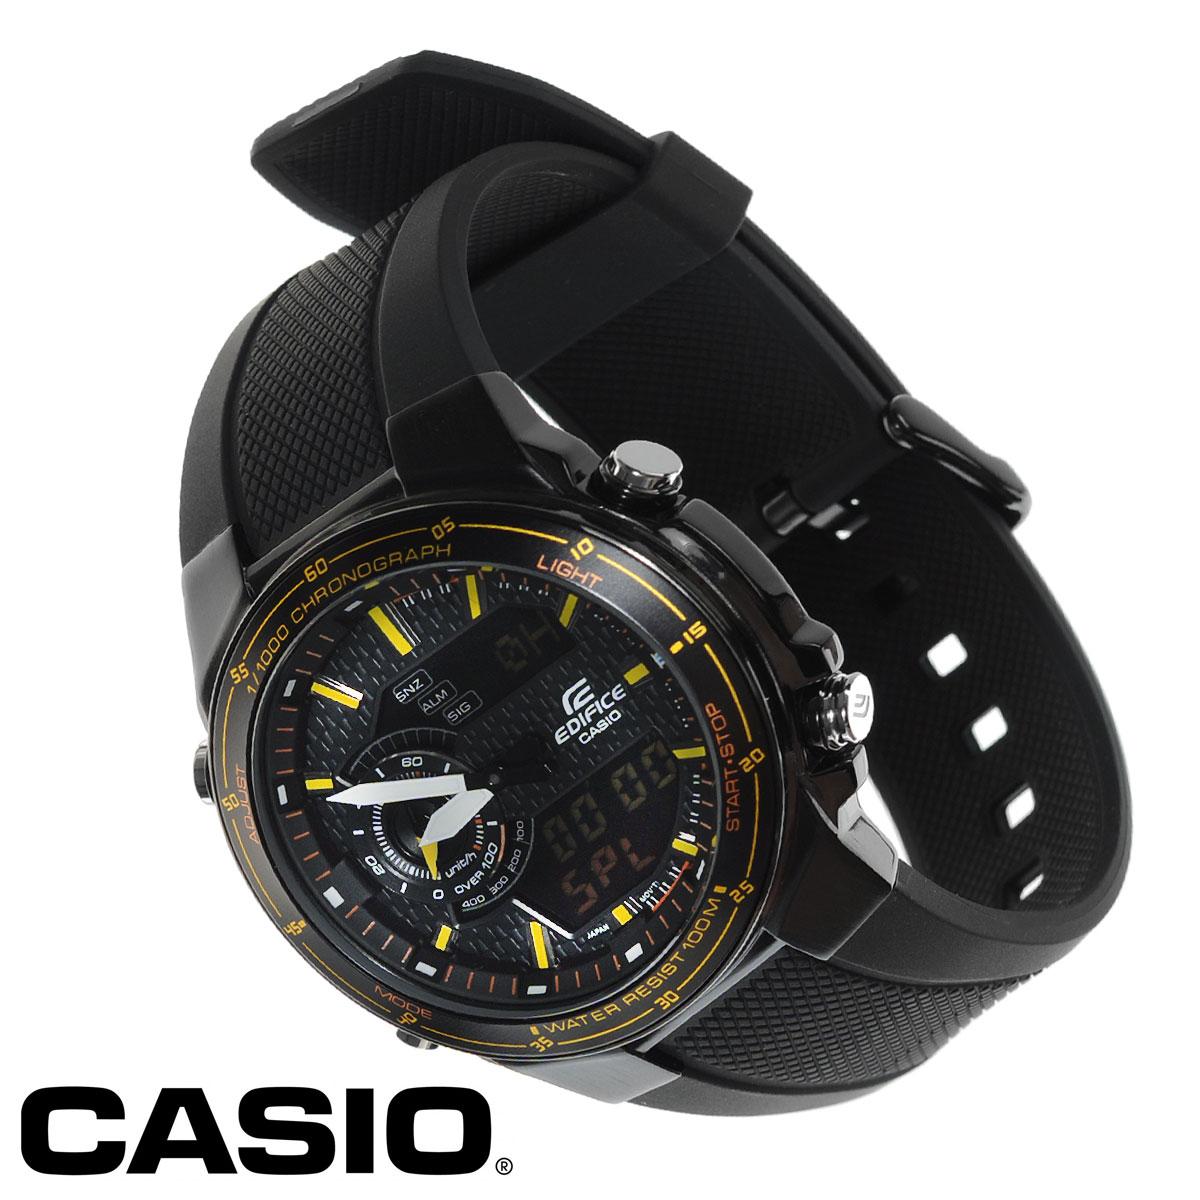 Часы наручные Casio Edifice, цвет: черный. EFA-131PB-1AEFA-131PB-1AСтильные электронно-механические часы Edifice от японского брэнда Casio - это яркий функциональный аксессуар для современных людей, которые стремятся выделиться из толпы и подчеркнуть свою индивидуальность. Часы оснащены японским кварцевым механизмом. Корпус часов выполнен из нержавеющей стали. Циферблат с отметками защищен минеральным стеклом. Часы имеют две стрелки - часовую и минутную. Секундная стрелка вынесенна на отдельный циферблат. Стрелки и отметки светятся в темноте. Дополнительные функции: вечный календарь, число, месяц, день недели, секундомер, таймер обратного отсчета, второй часовой пояс, будильник (количество установок: 5). Ремешок выполнен из каучука и застегивается на классическую застежку. Часы упакованы в фирменную коробку с логотипом Casio. Такой аксессуар добавит вашему образу стиля и подчеркнет безупречный вкус своей владелицы. Характеристики: Диаметр циферблата: 3,5 см. Размер корпуса: 4,5 см х...